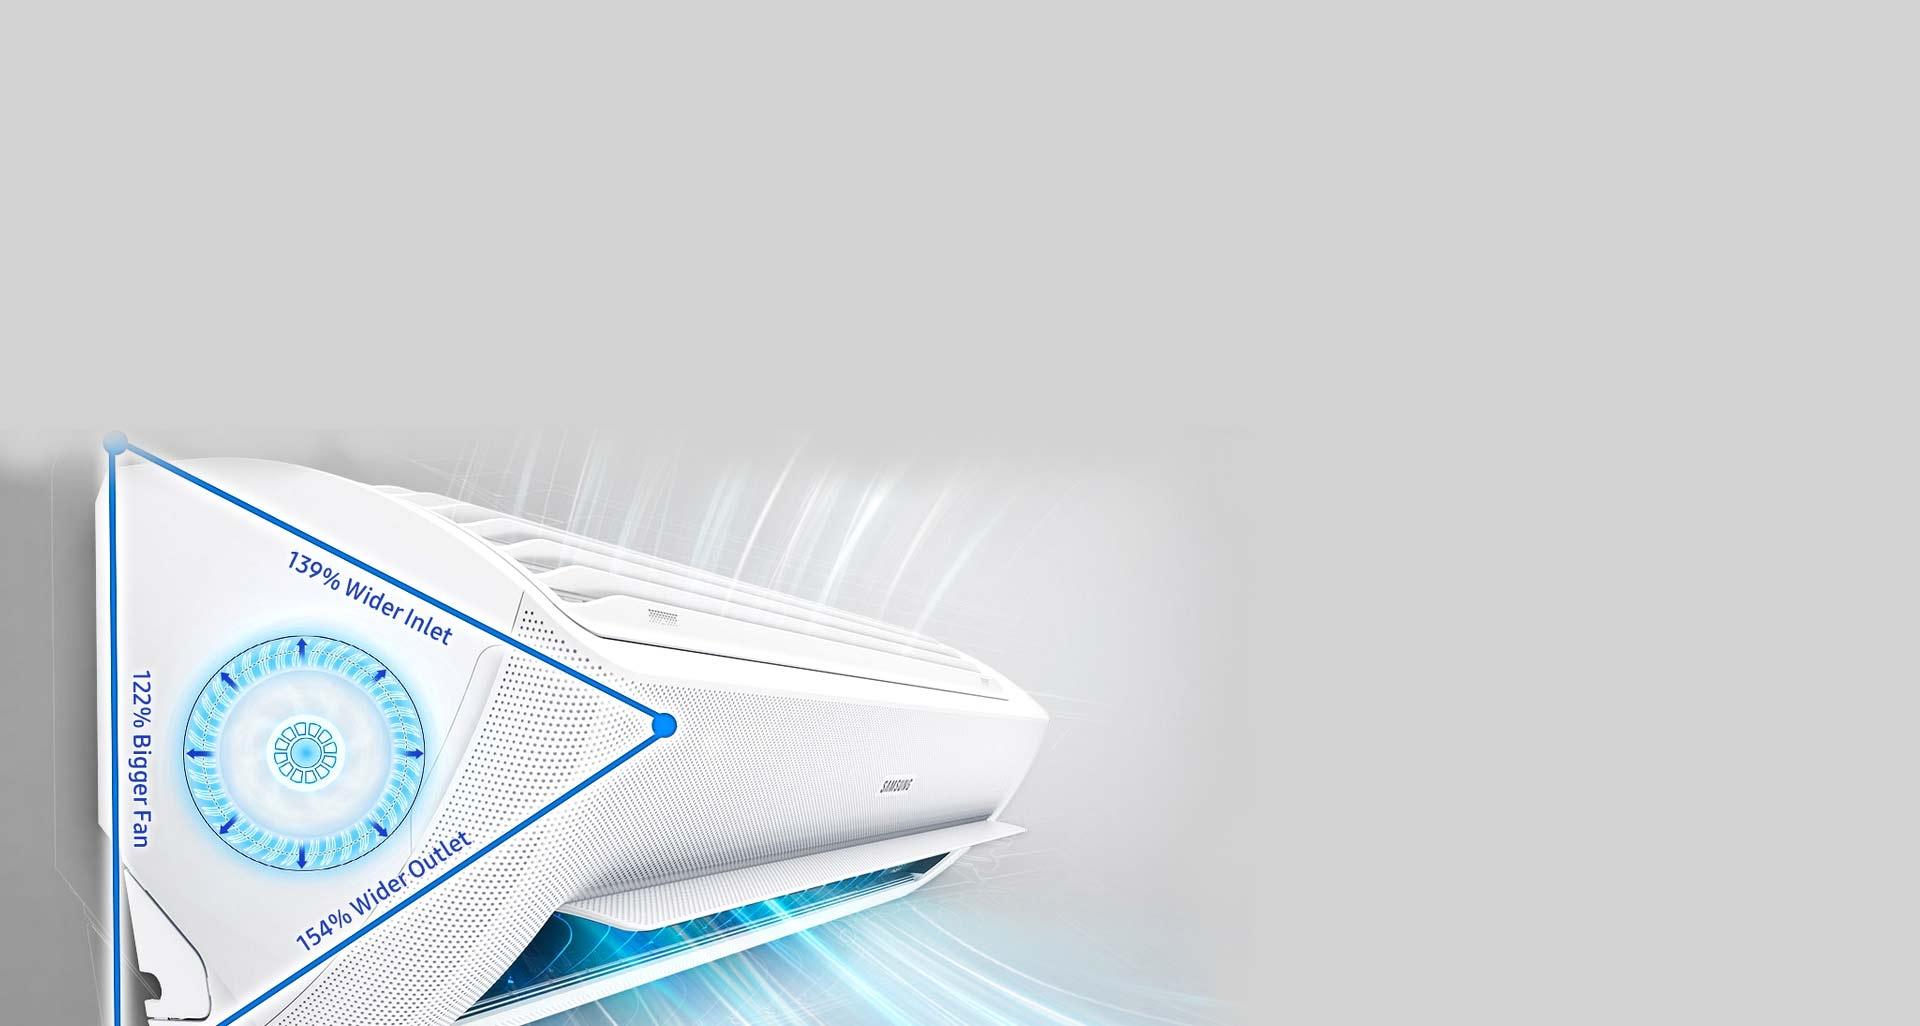 خنک سازی سریع با طراحی سه وجهی کولر گازی سامسونگ ویندفری